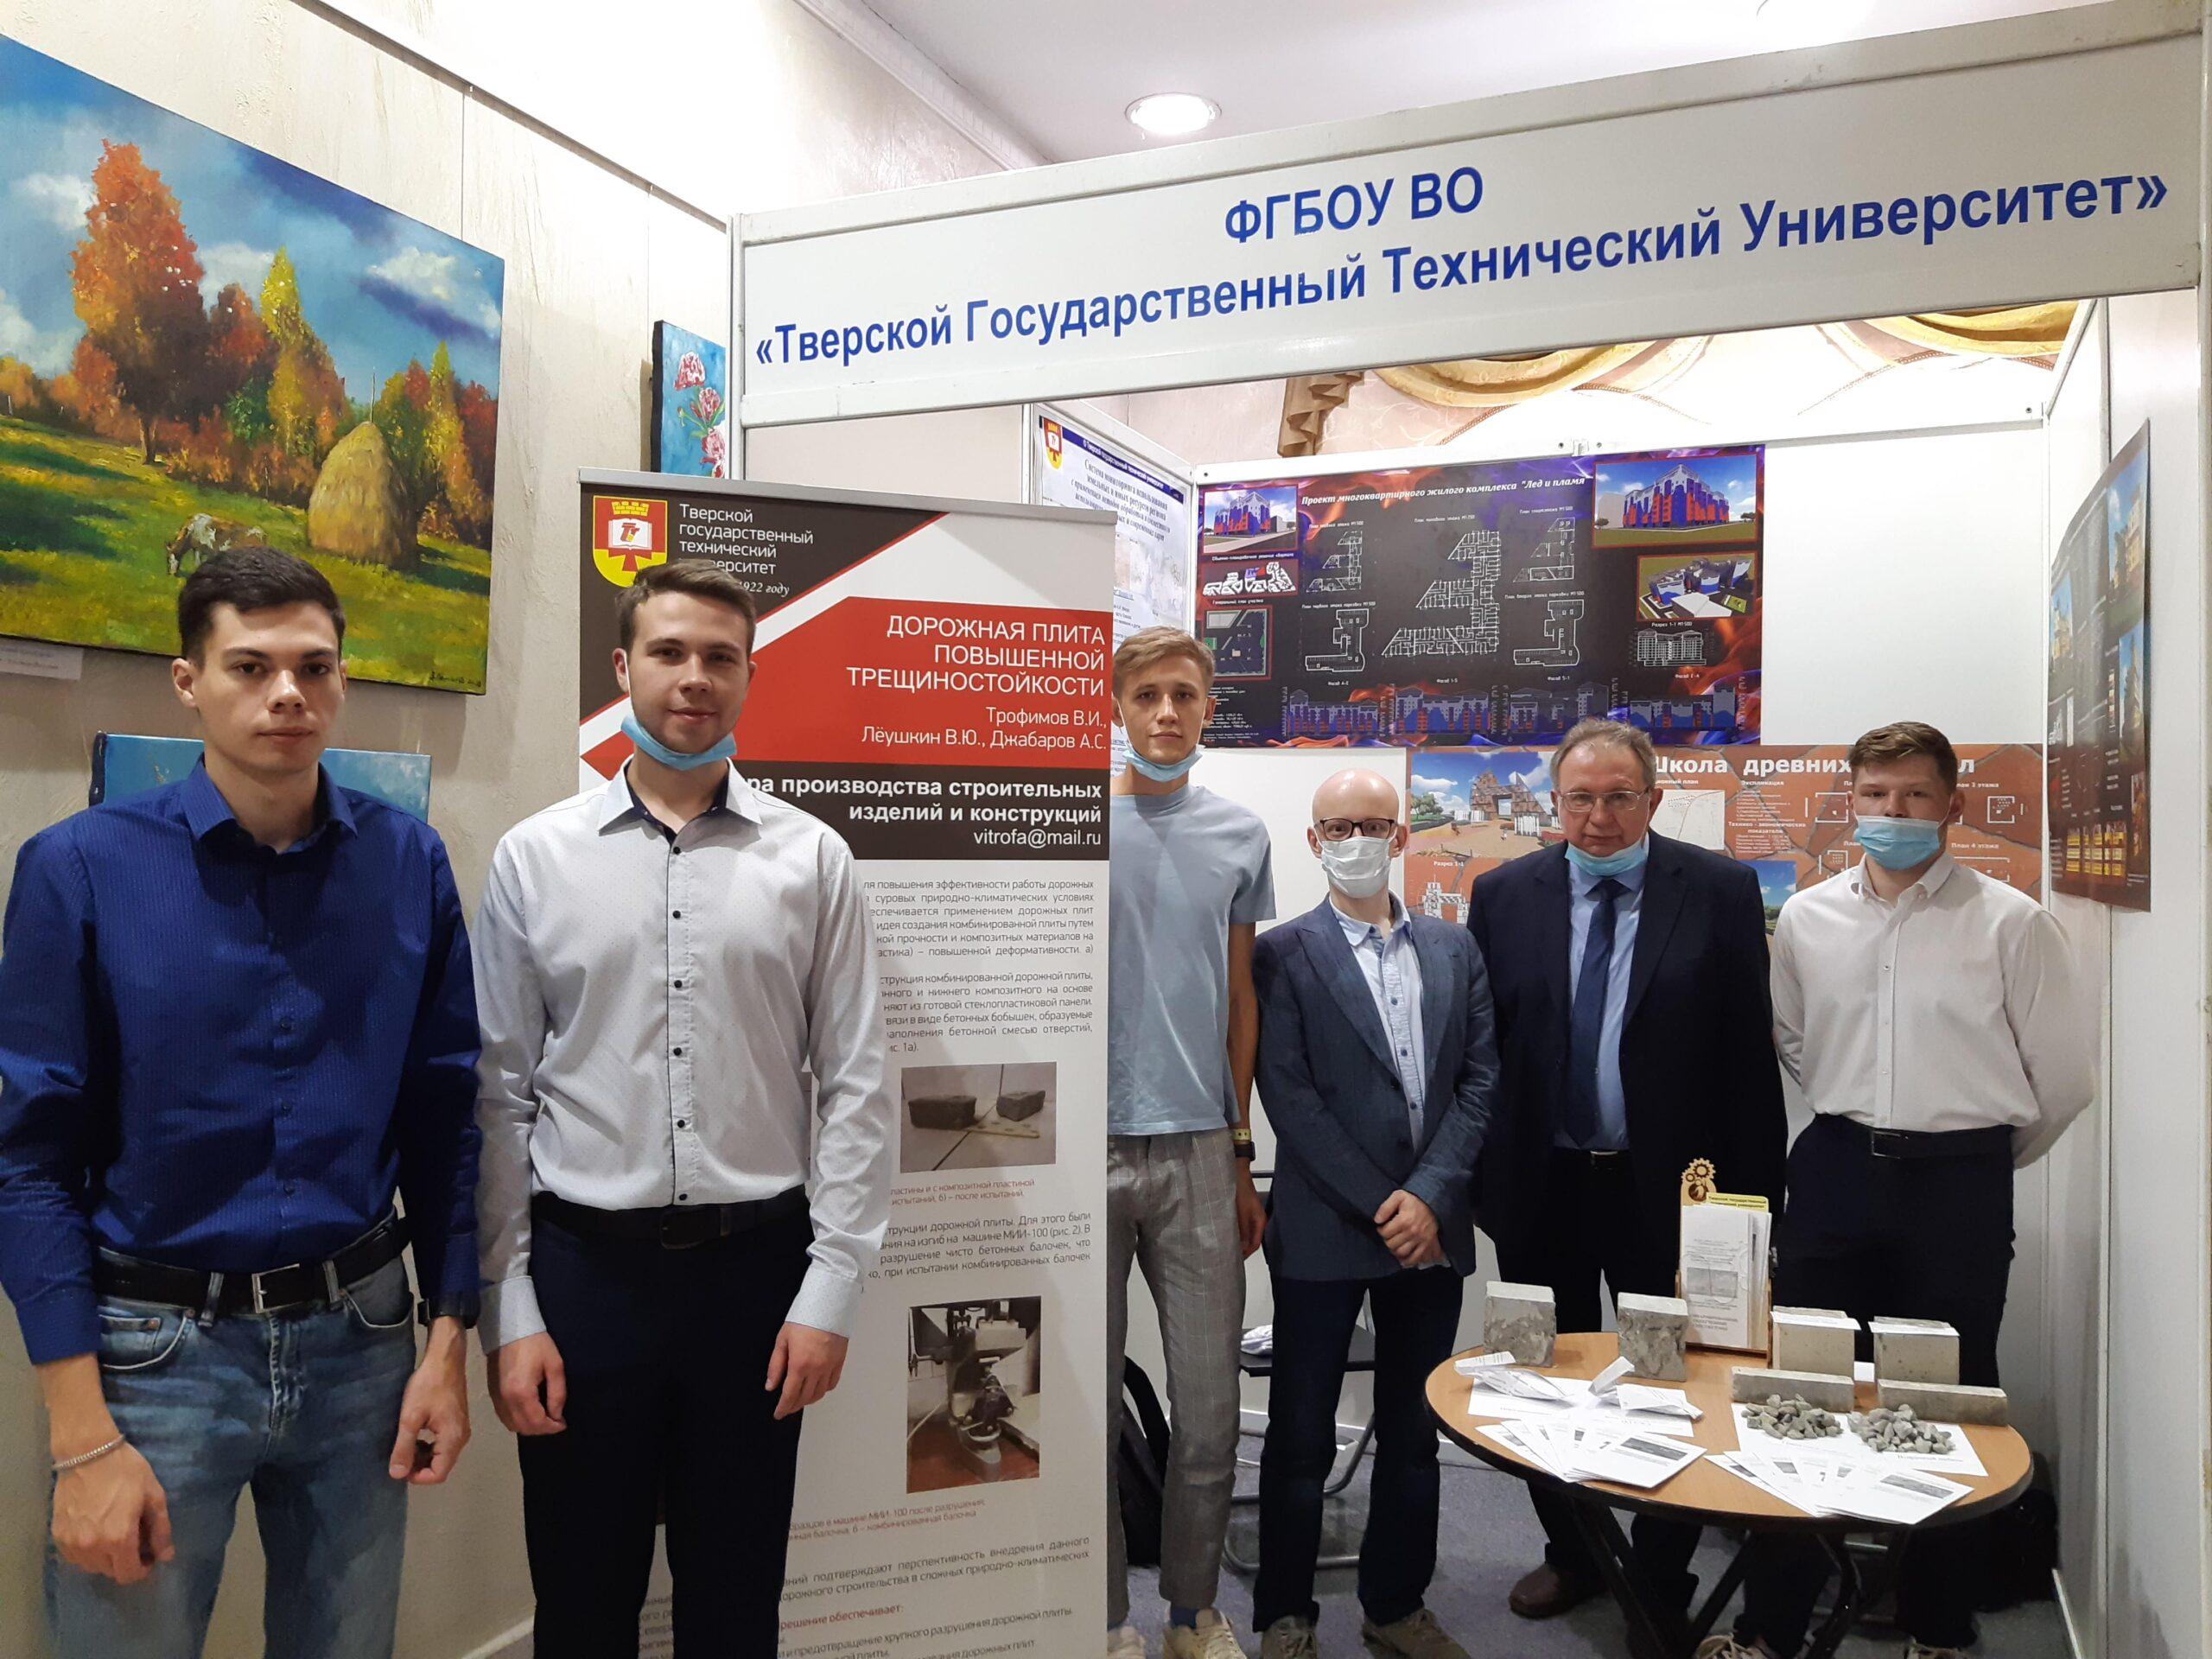 Разработки ТвГТУ представили на выставке ко Дню строителя